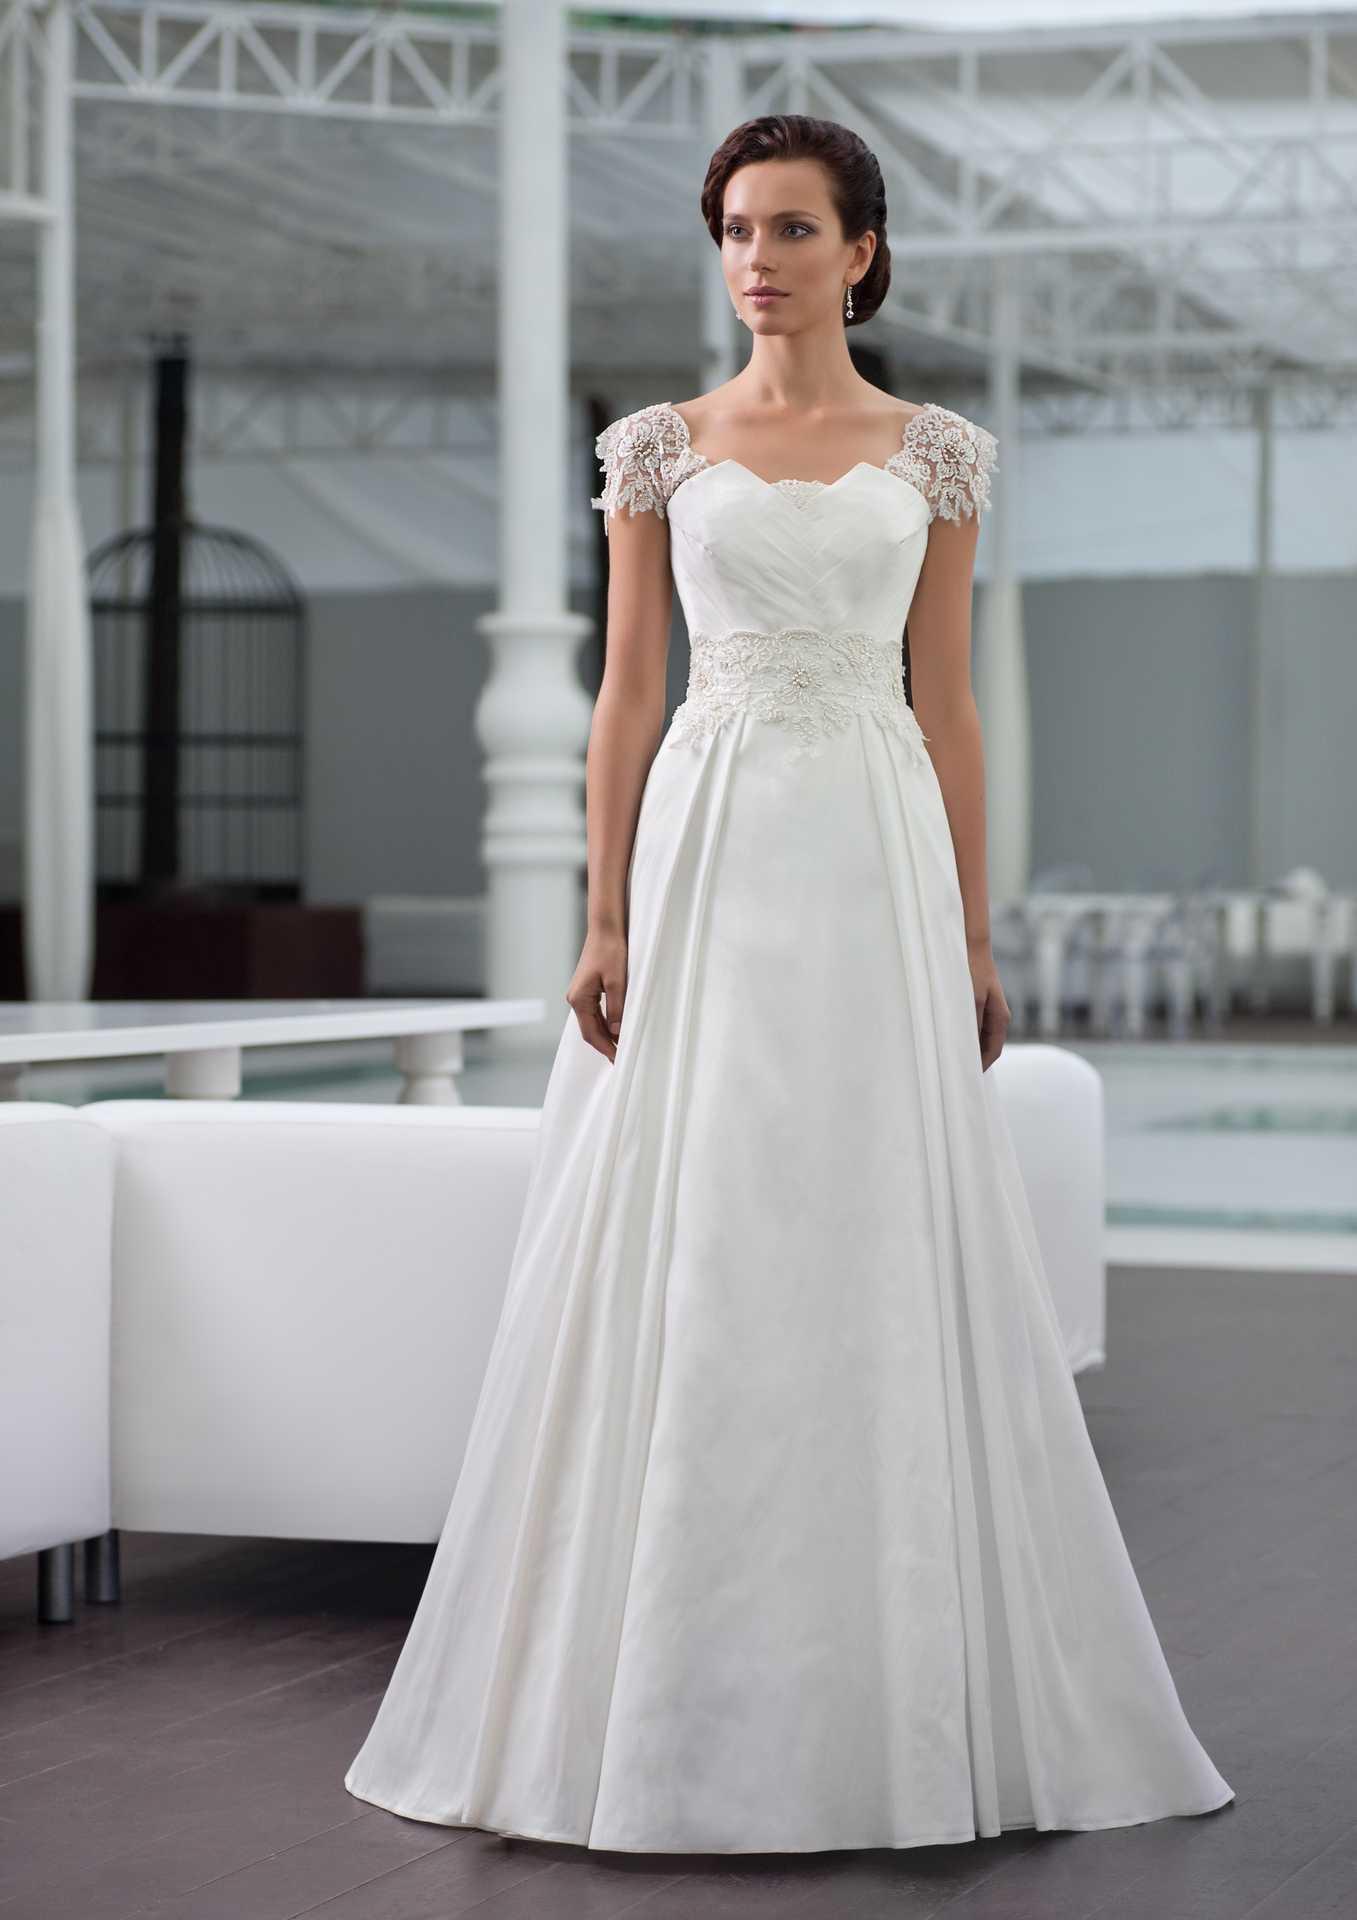 где можно купить свадебное платье в москве